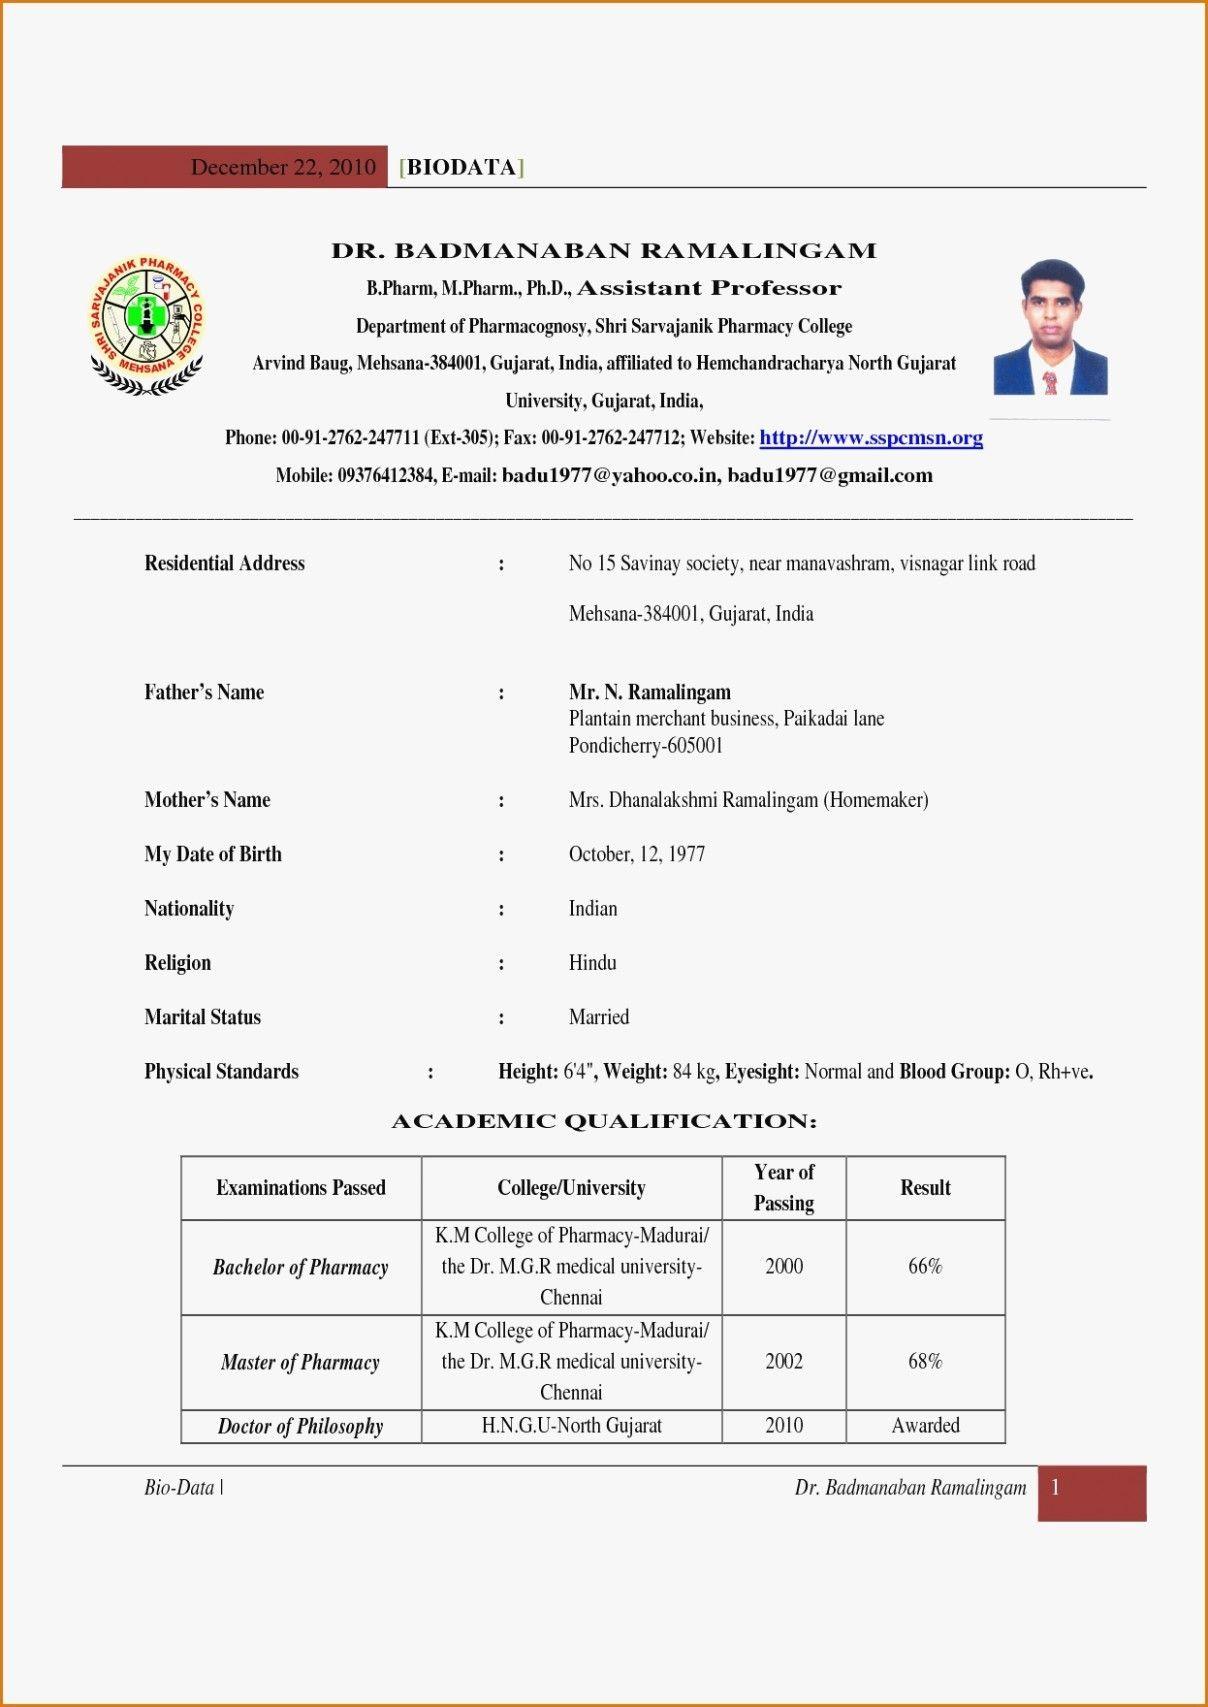 B Pharmacy Resume Format For Freshers Teacher resume